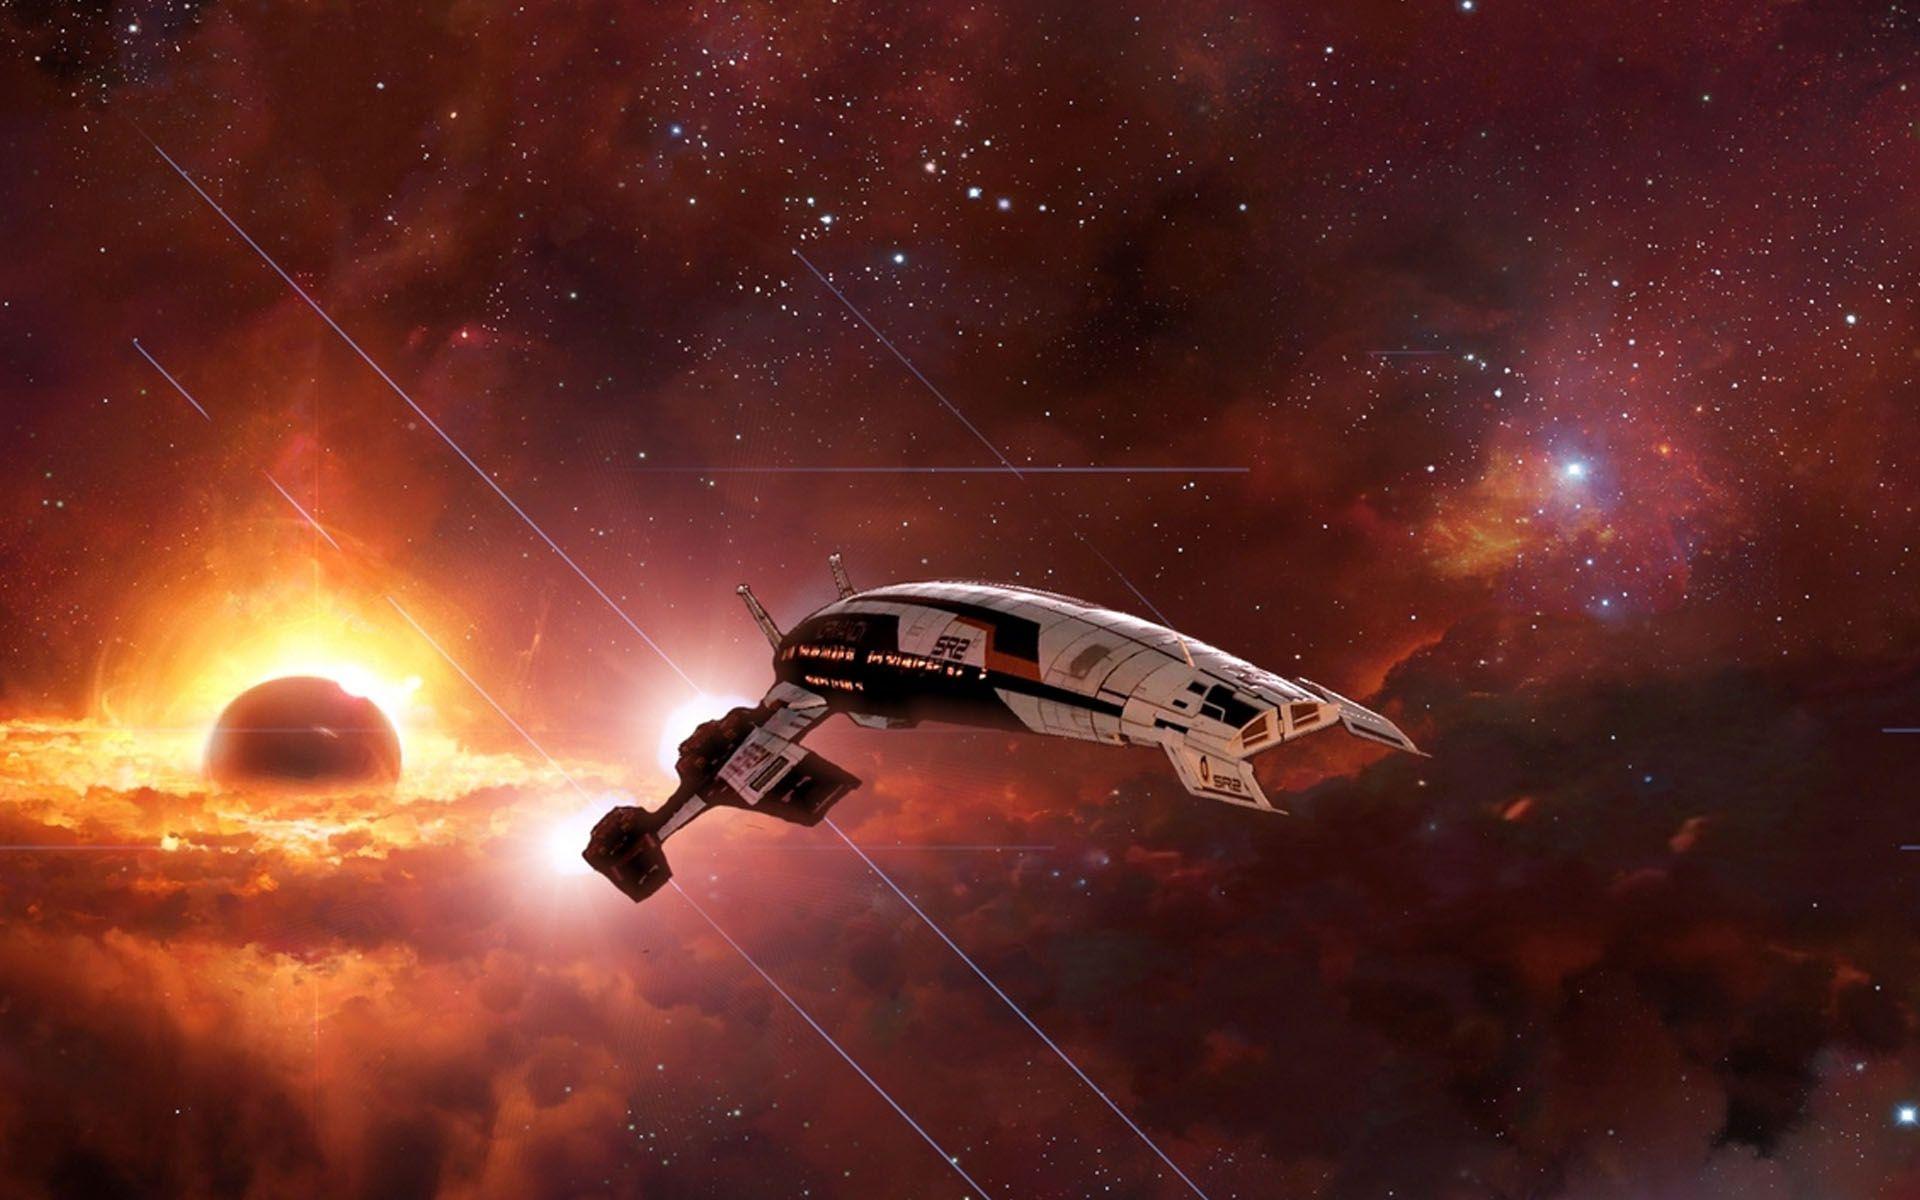 Mass Effect Normandy Hd Wallpaper Mass Effect Hd Wallpaper Mass Effect 2